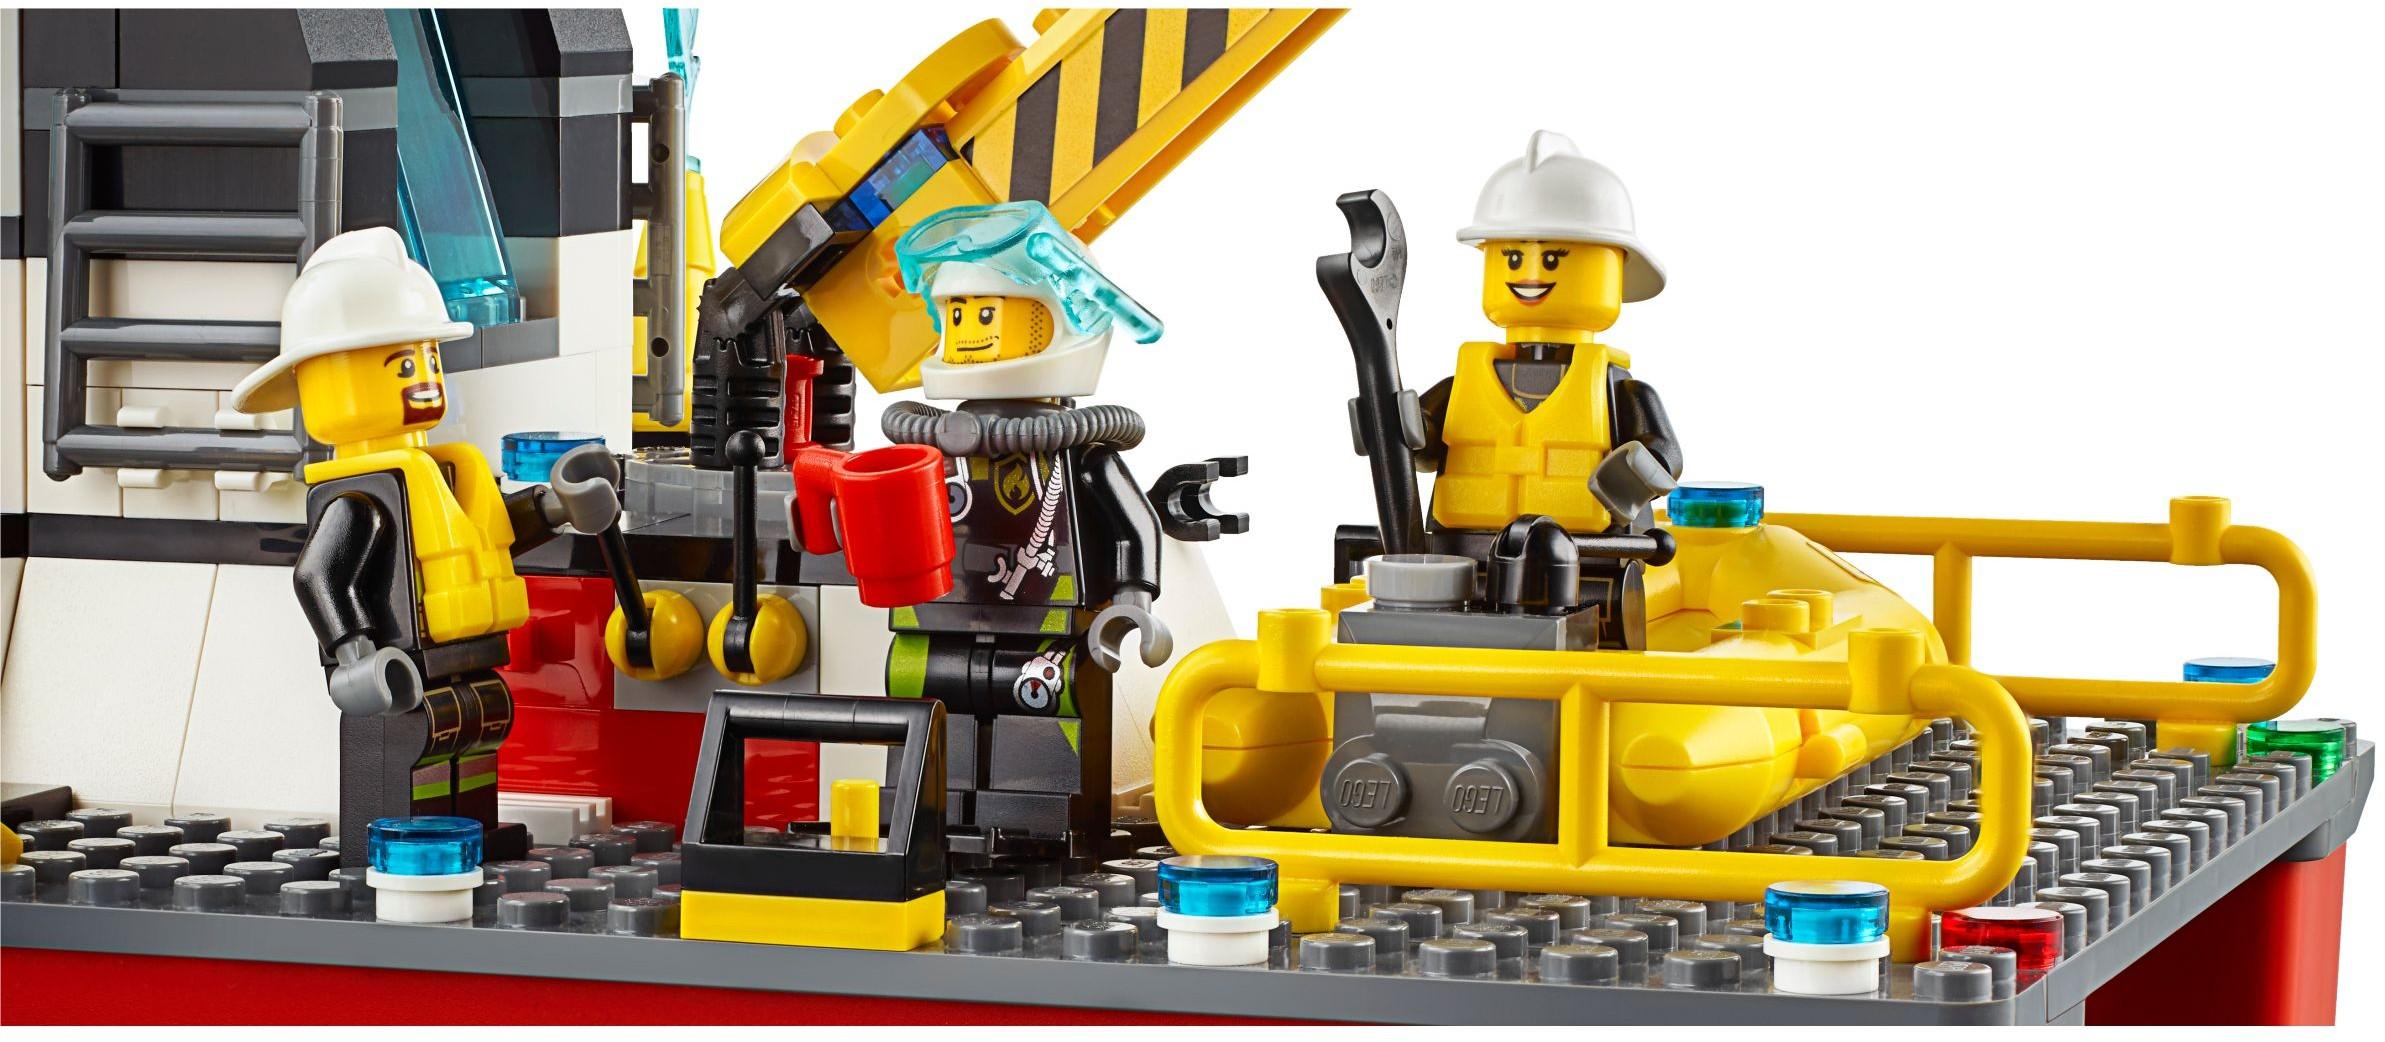 lego city 60109 pas cher le bateau de pompiers. Black Bedroom Furniture Sets. Home Design Ideas